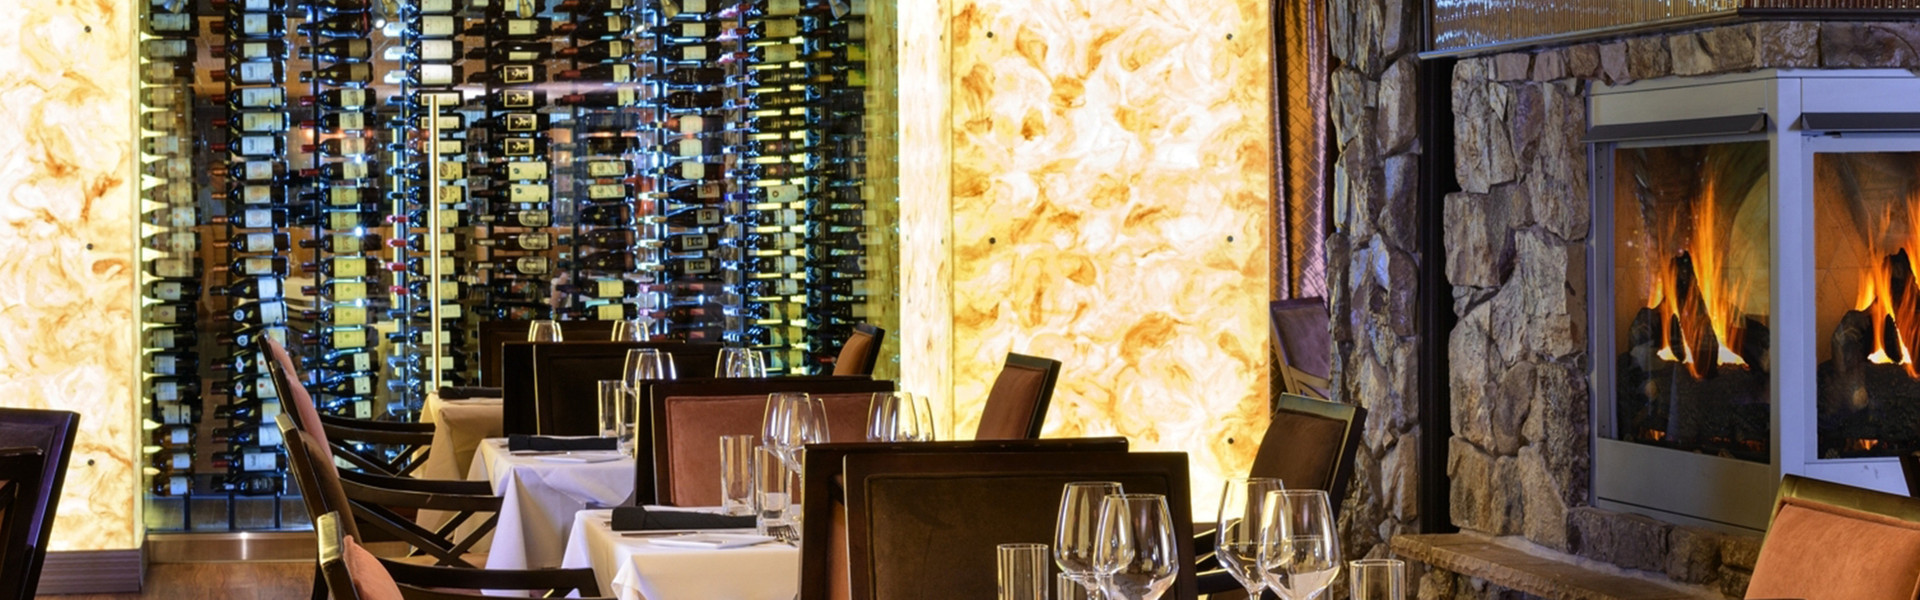 Inside the best steakhouse in Park City, UT | Menu For EDGE Steakhouse Park City | Westgate Park City Resort & Spa